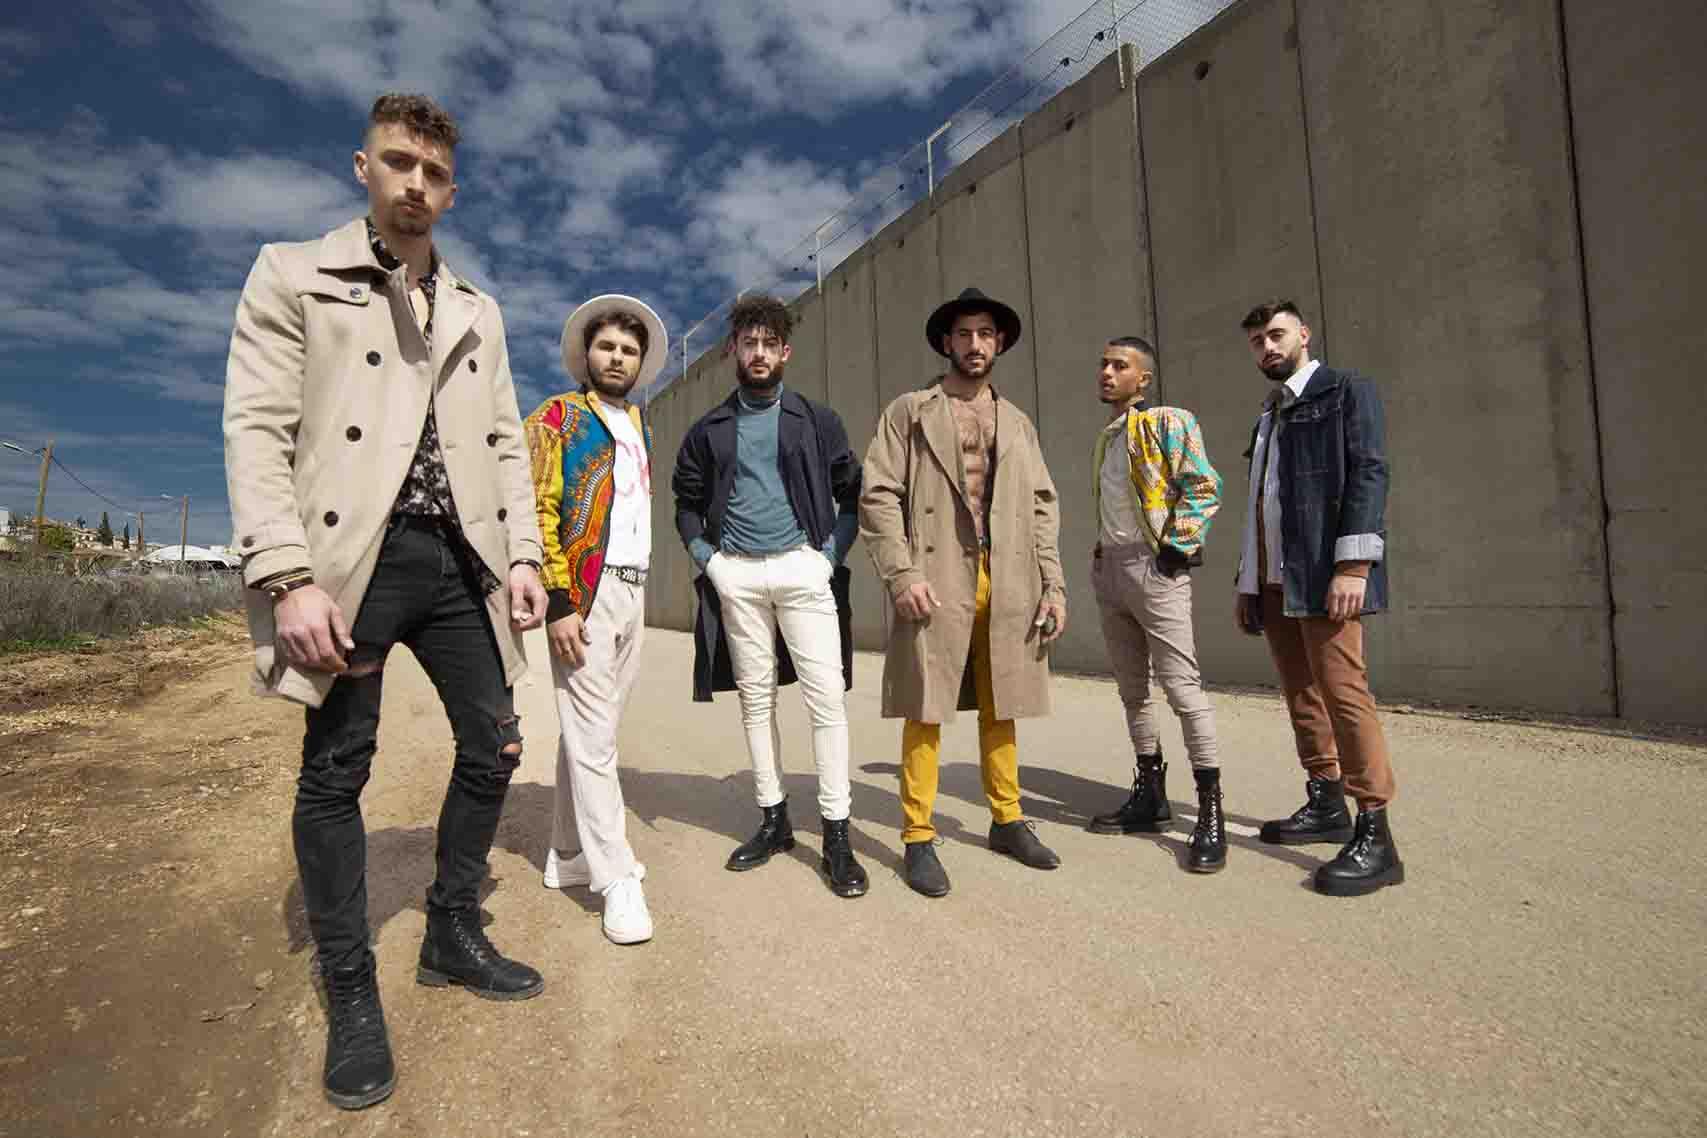 _מגזין_Nimer hHakim, Joun Safadi, Rock Mahmoud Hojerat, Elias Khourieh, Fadi Aneq, Hamudi Shalbi._אופנה